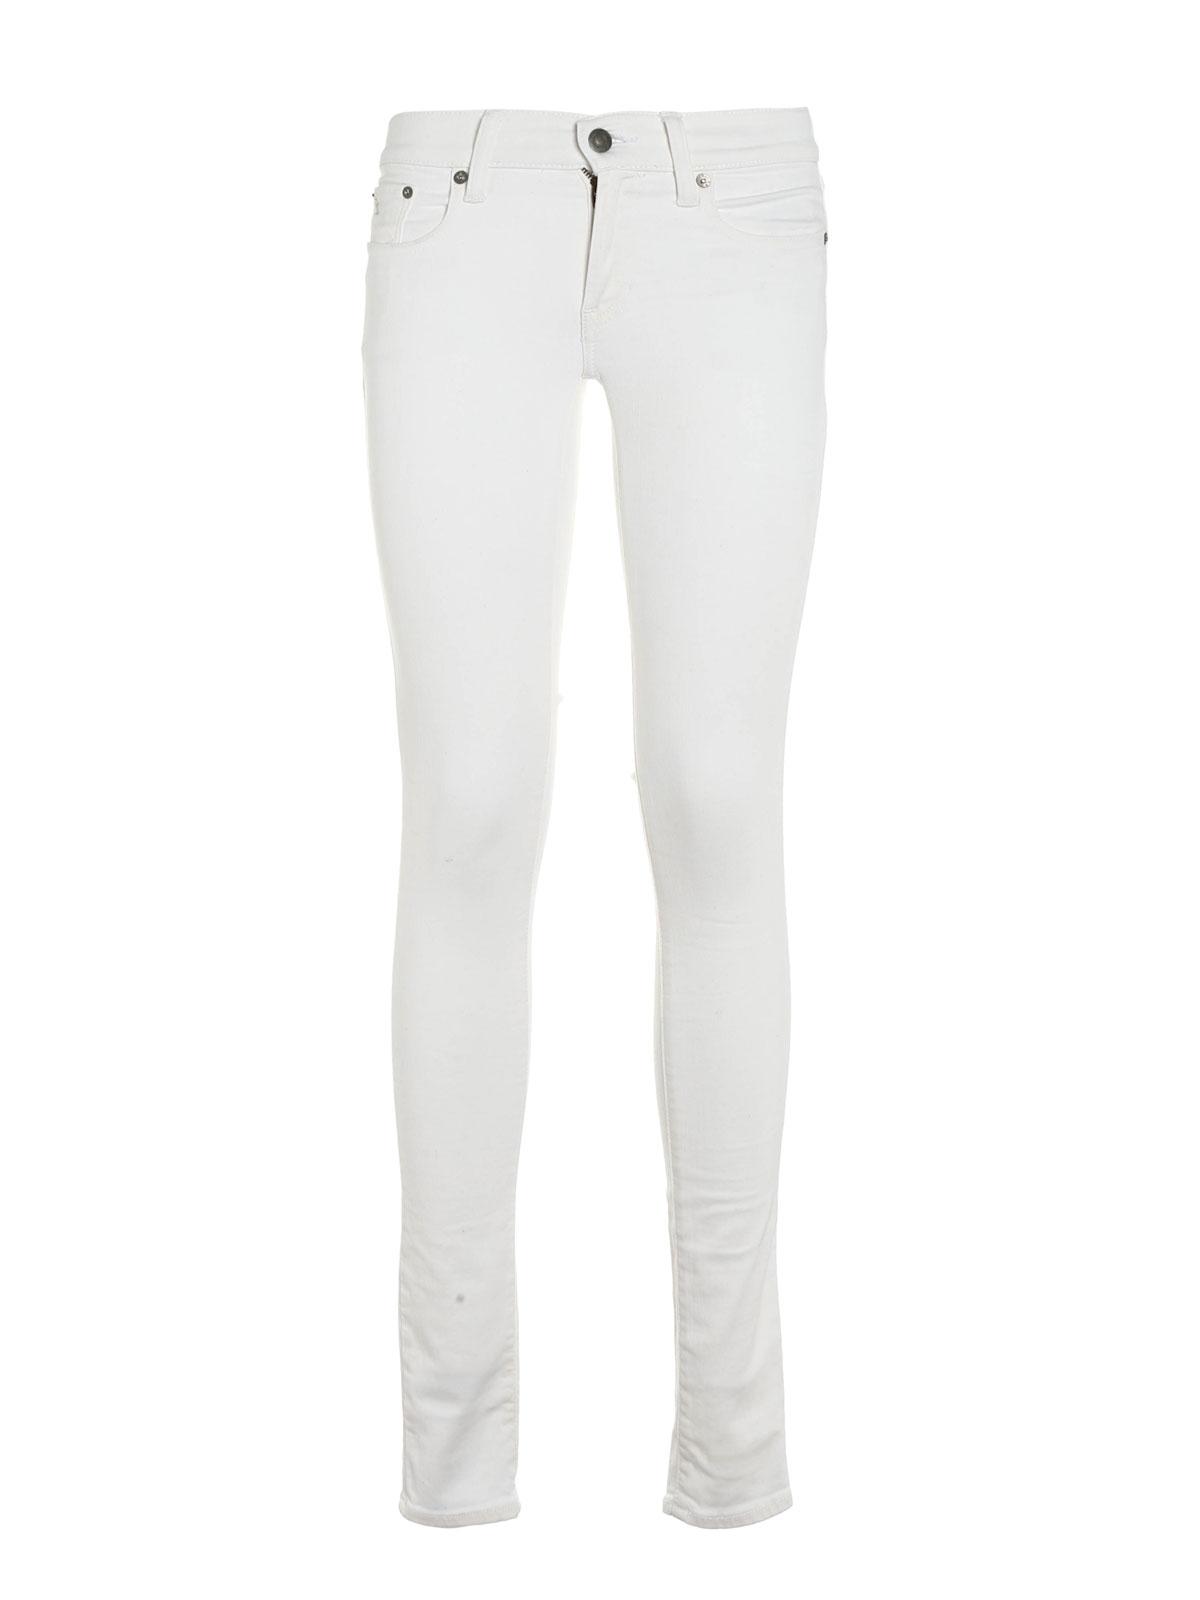 Femme Polo Ralph Jeans Jean Lauren Skinny Blanc Pour zSqUMVp